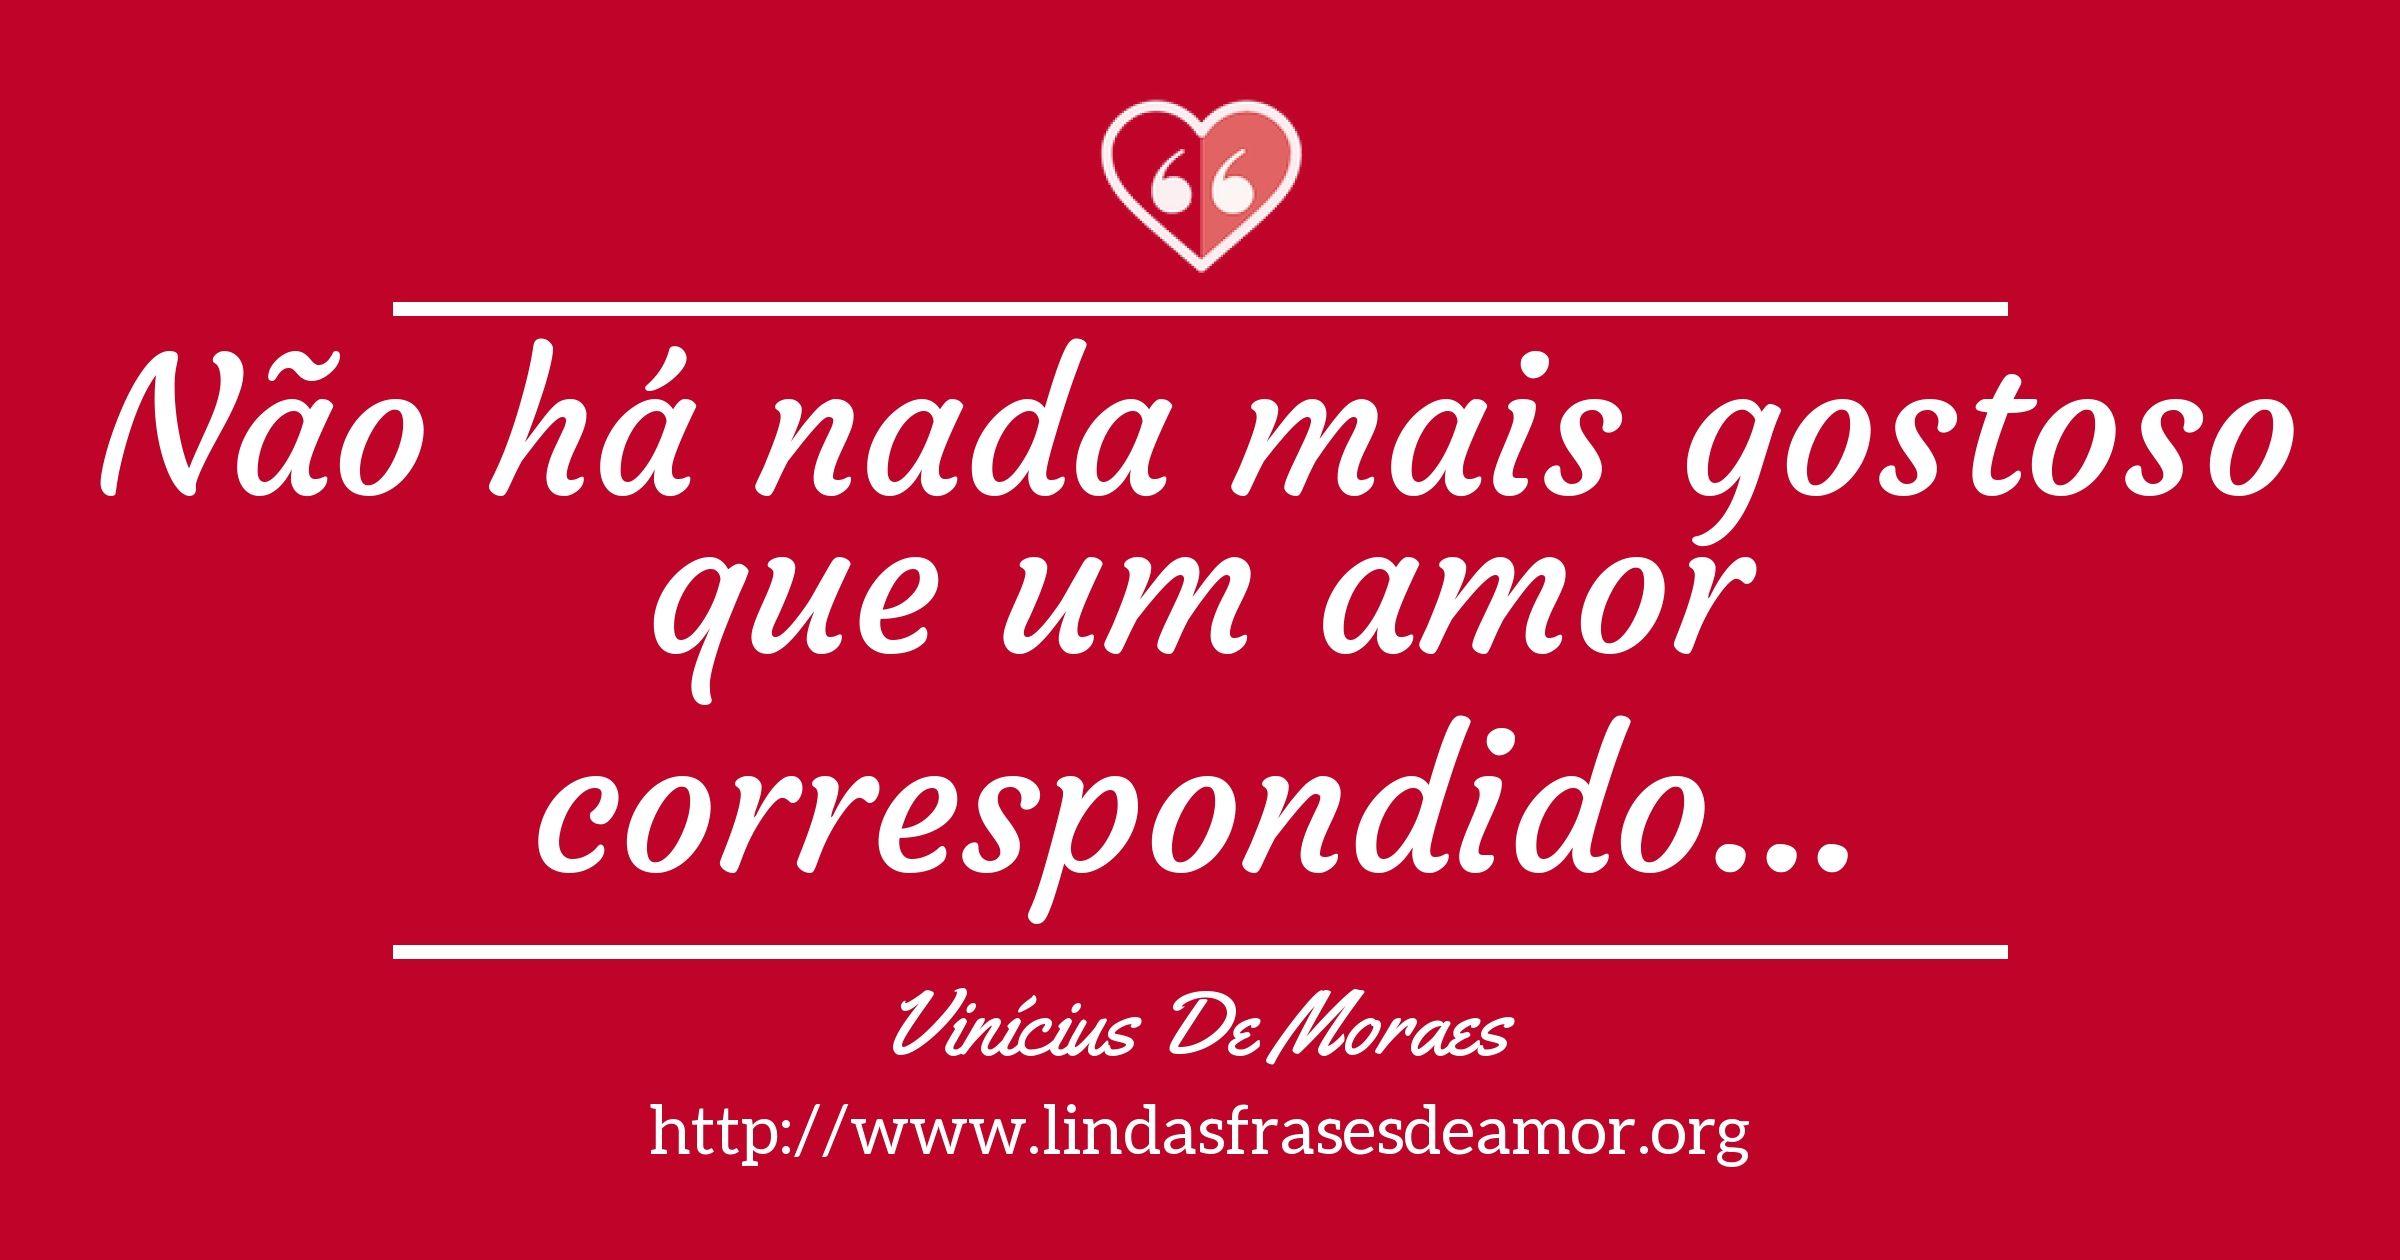 Frases De Amor Cortas Para Dedicar A Un Amor Correspondido